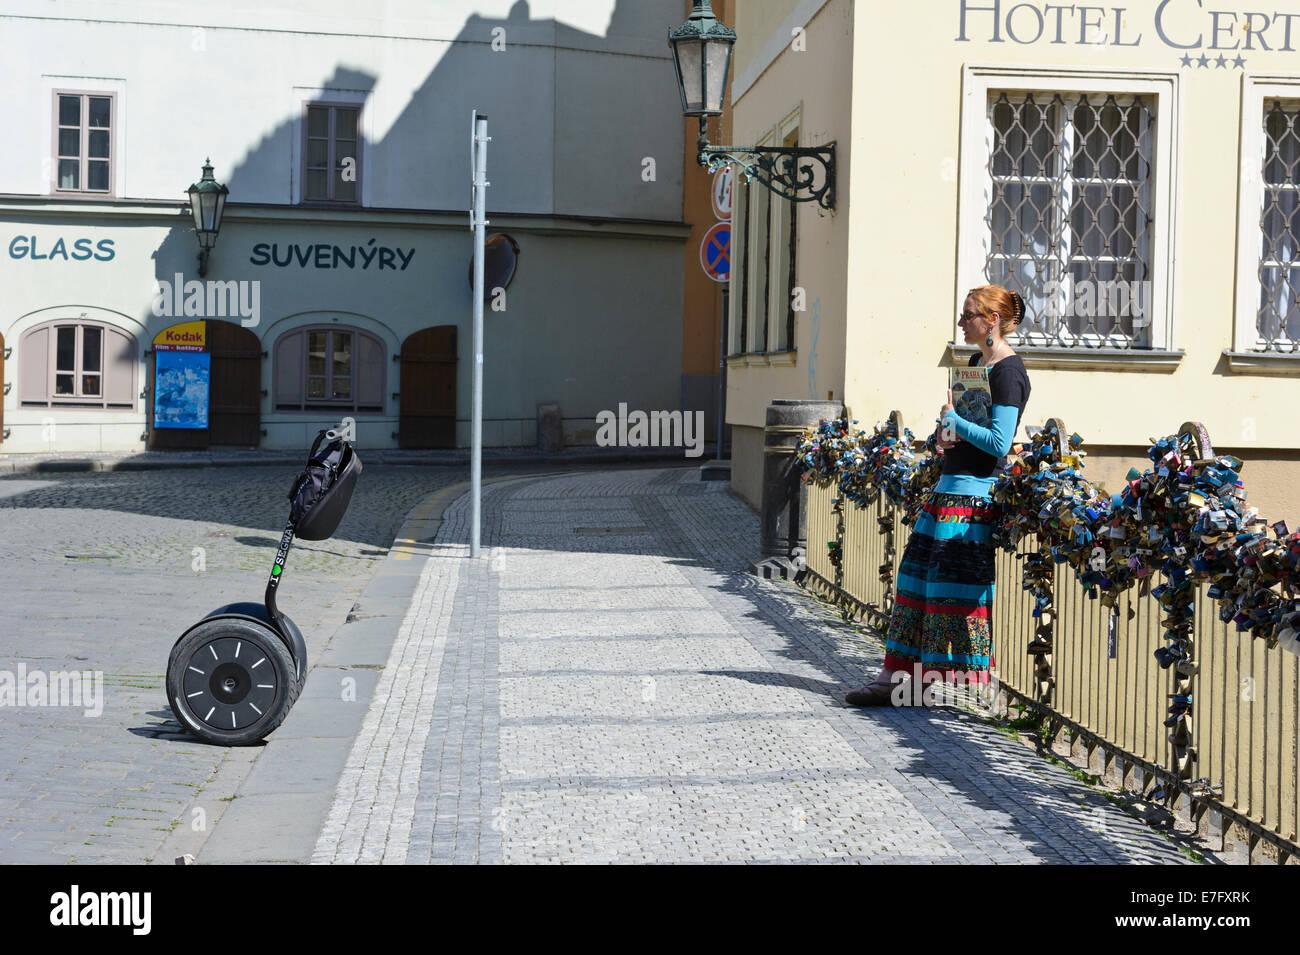 Un agente del Segway che conduce contro la ringhiera di un ponte coperto con una serie di lucchetti chiusi, Praga, Repubblica Ceca. Foto Stock